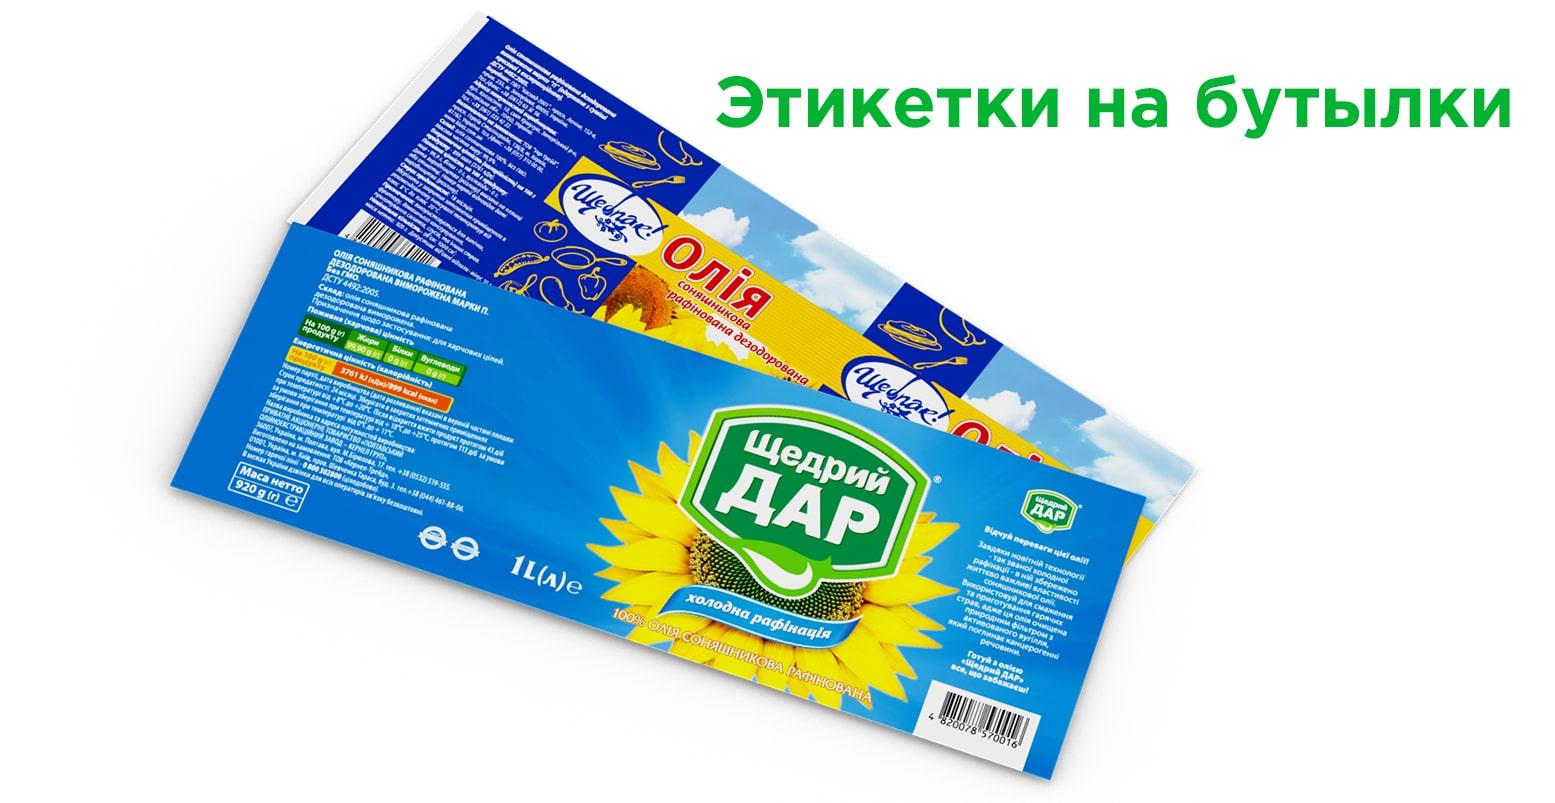 Печать этикеток на бутылки в Харькове 1